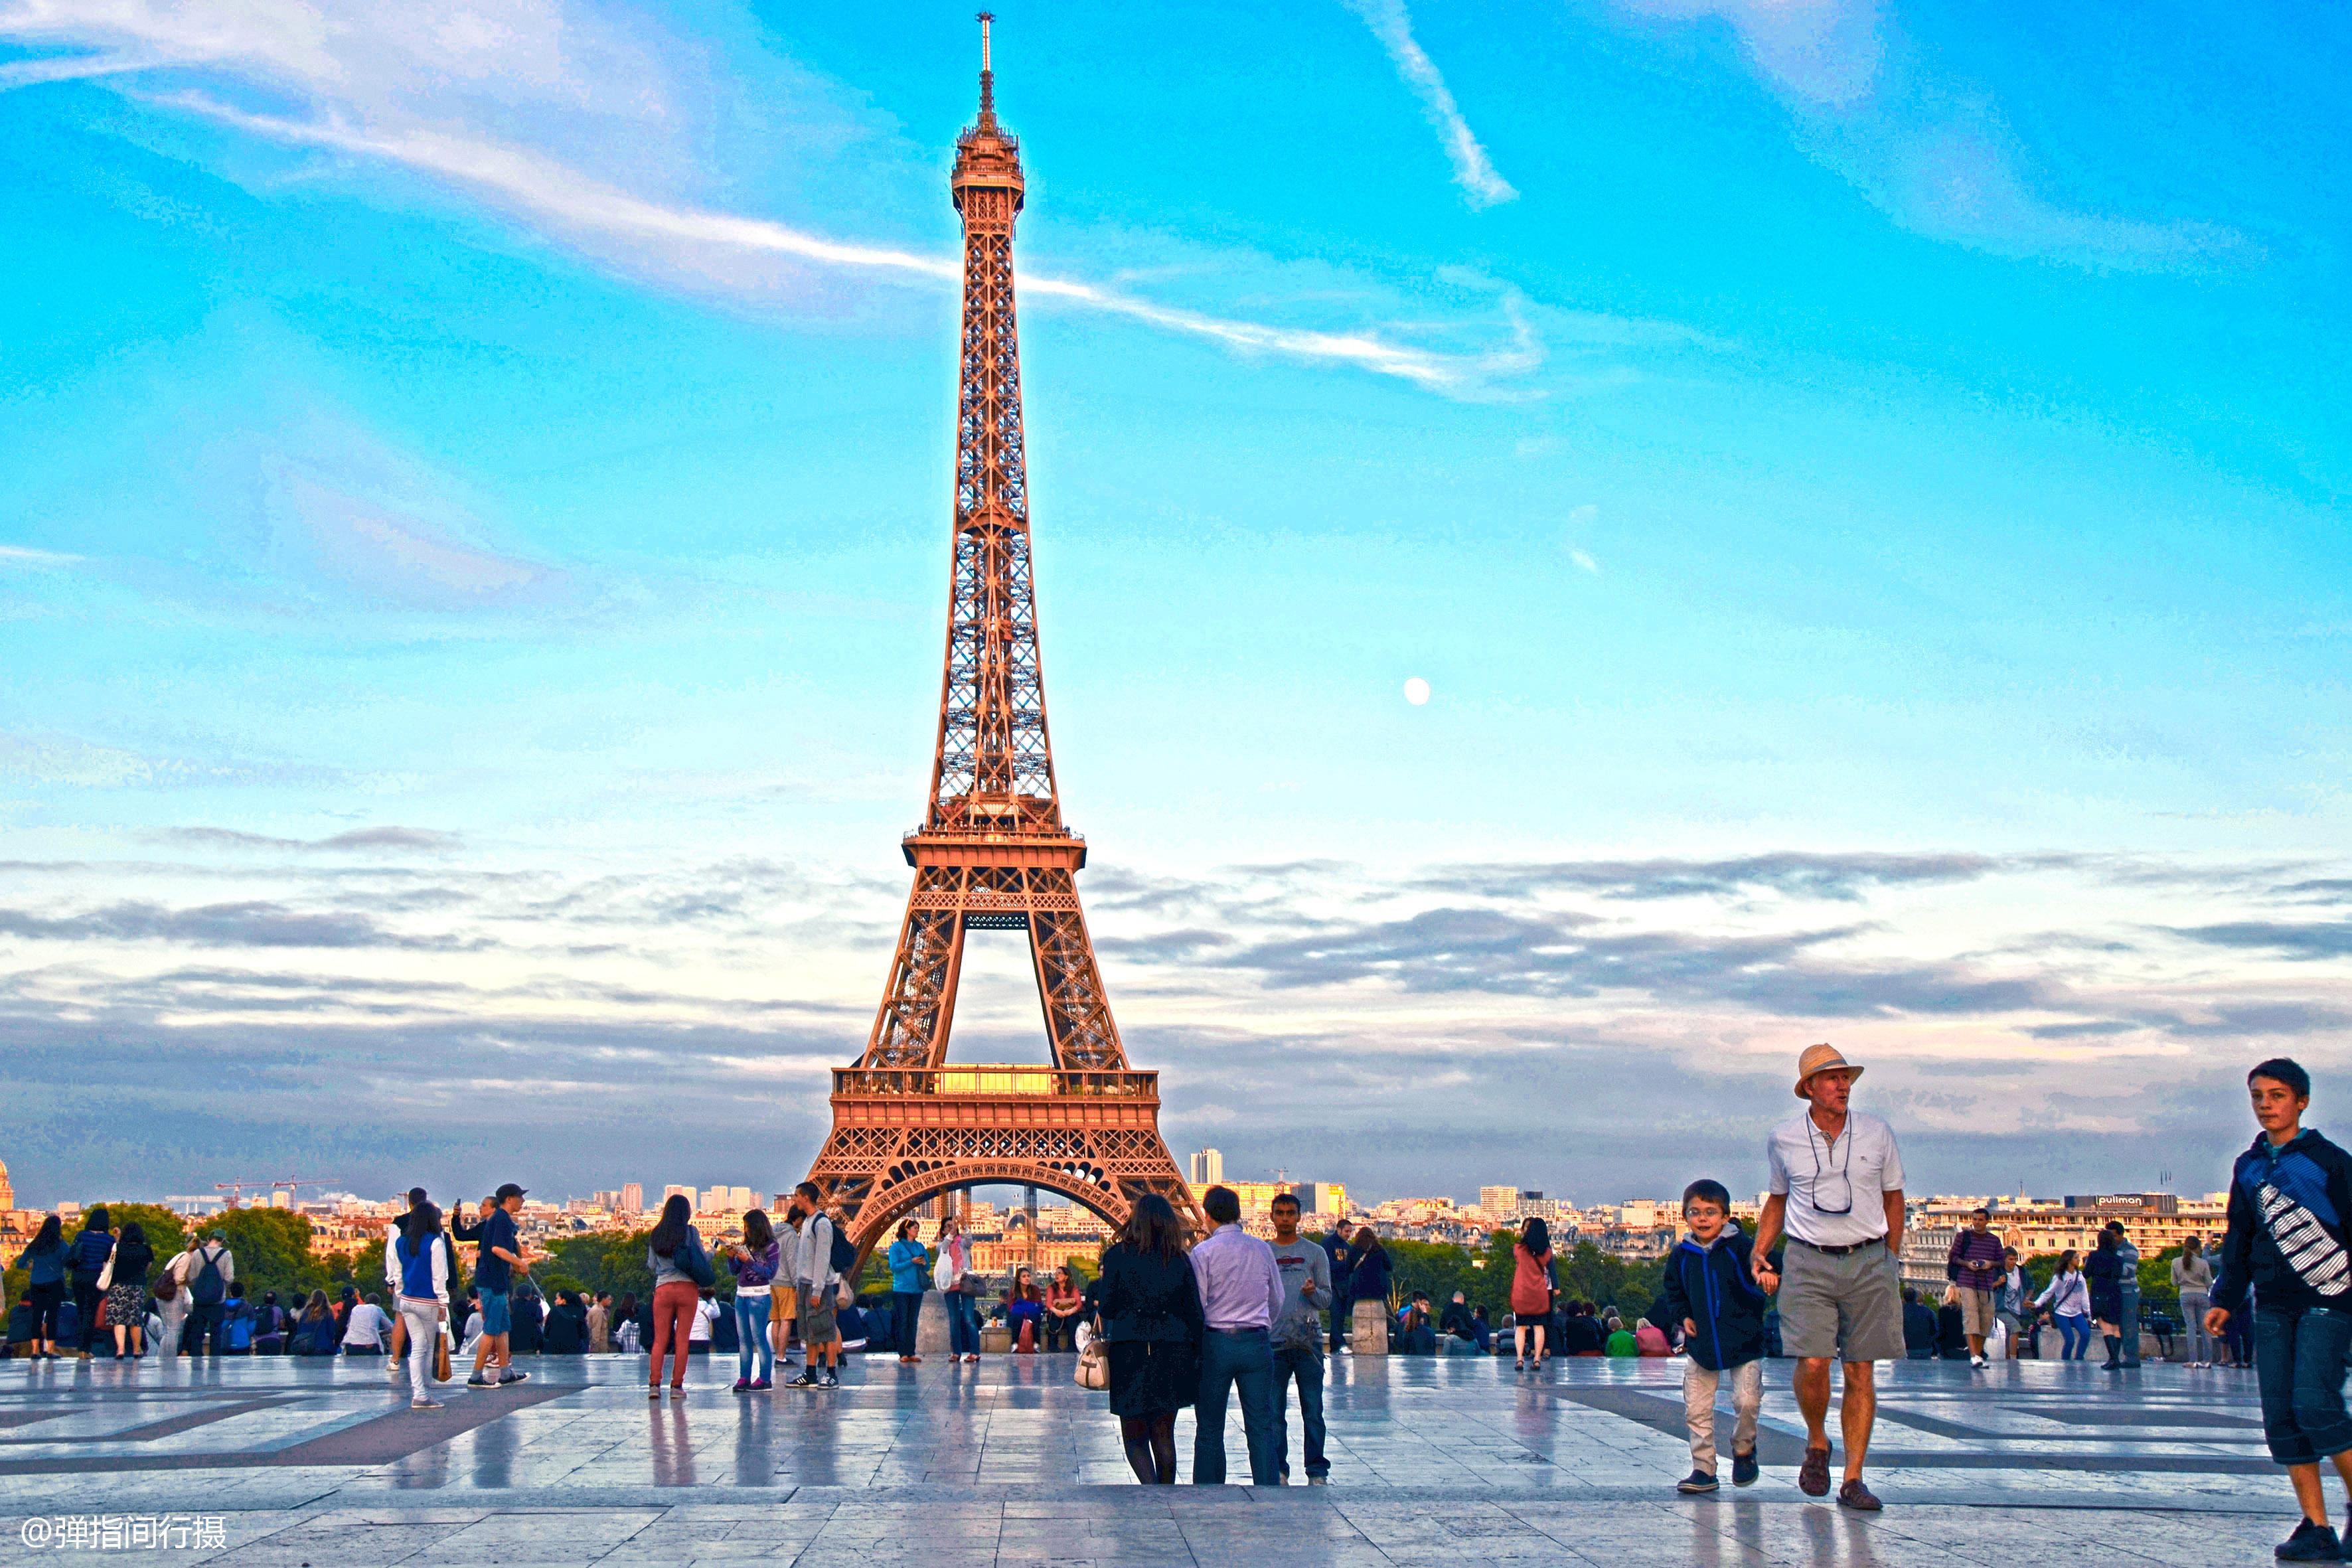 巴黎这条街因名字而被西方人嫌弃,成亚洲人聚居地,还有街边菜摊